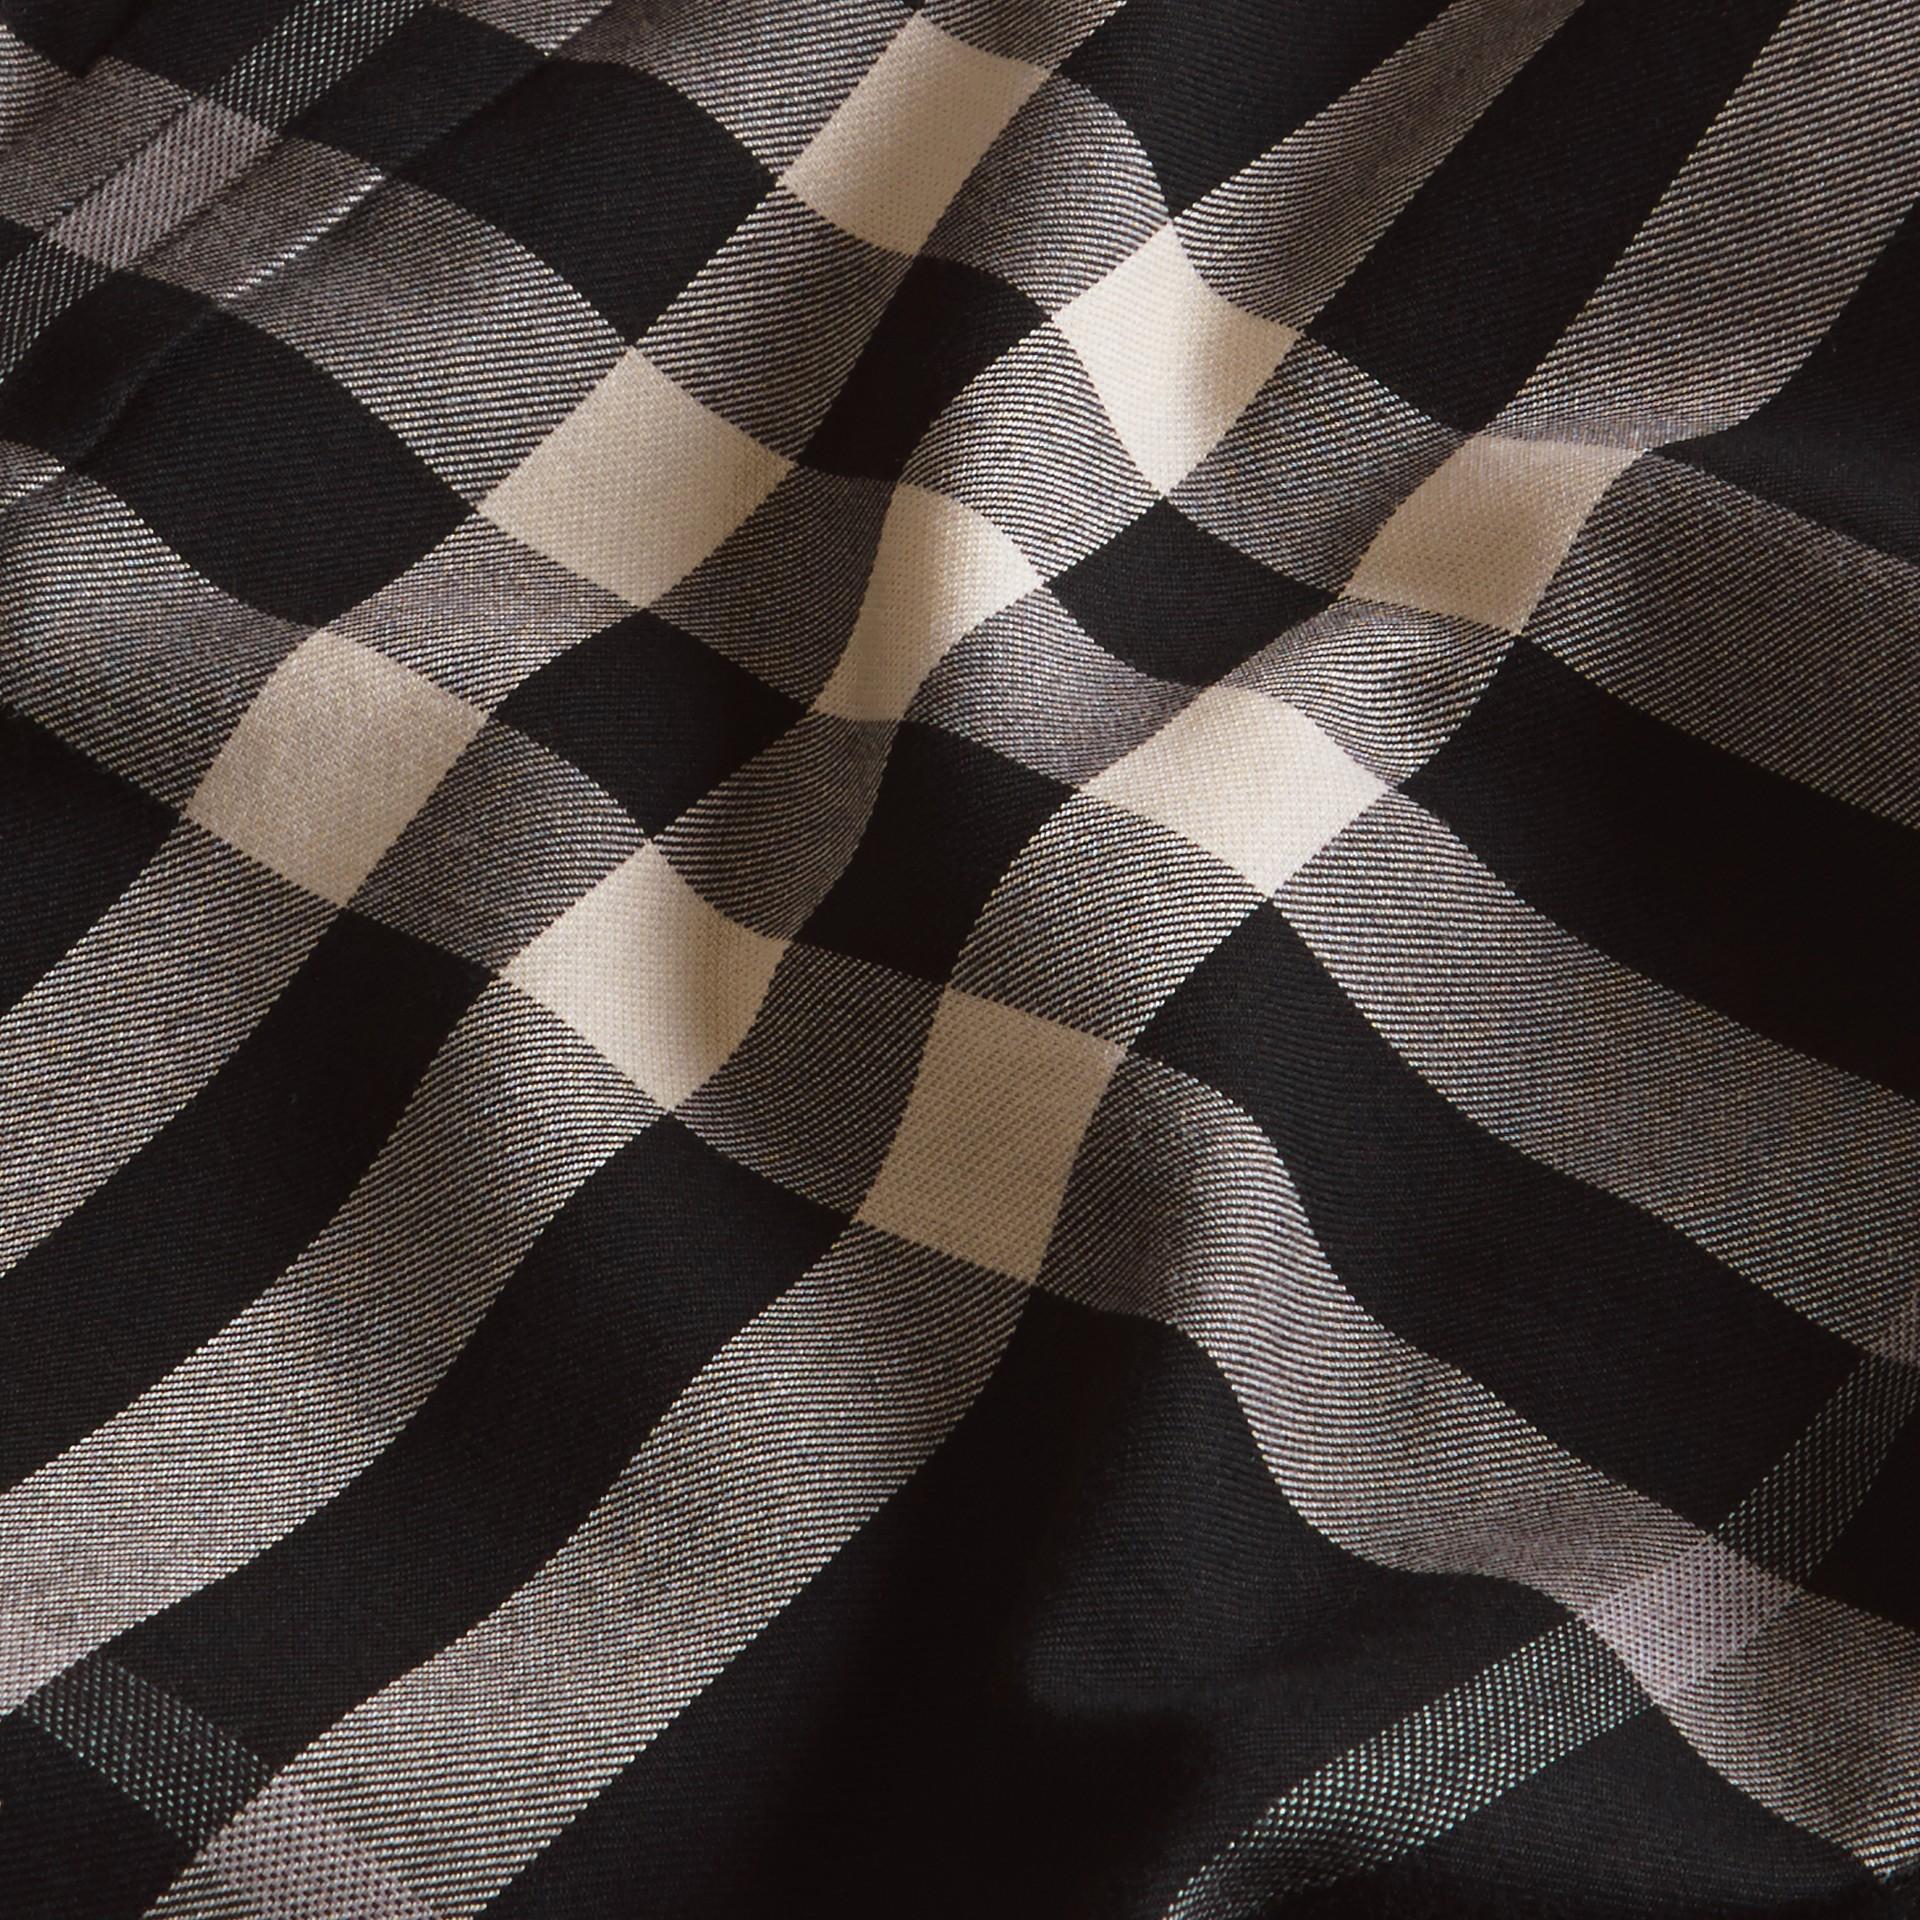 Negro Camisa a cuadros en franela de algodón y cachemir Negro - imagen de la galería 2